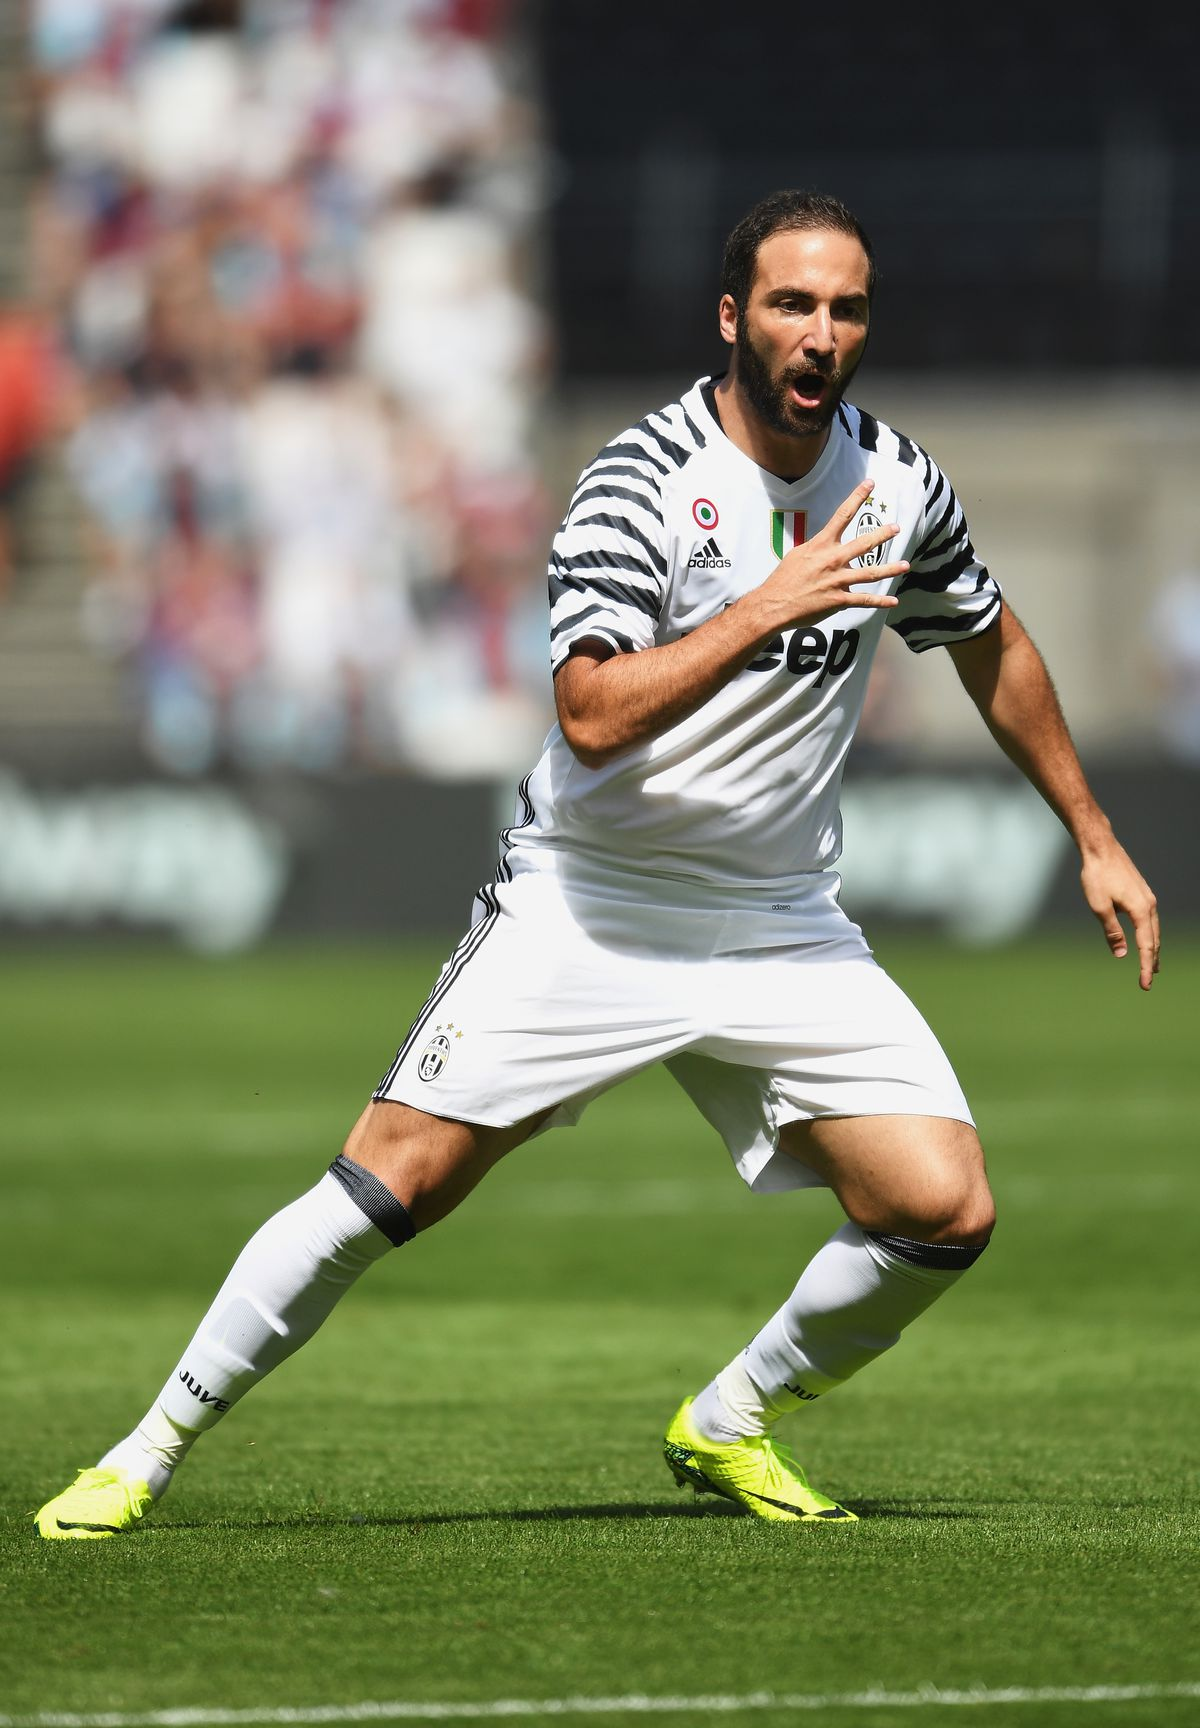 West Ham United v Juventus - Pre-Season Friendly